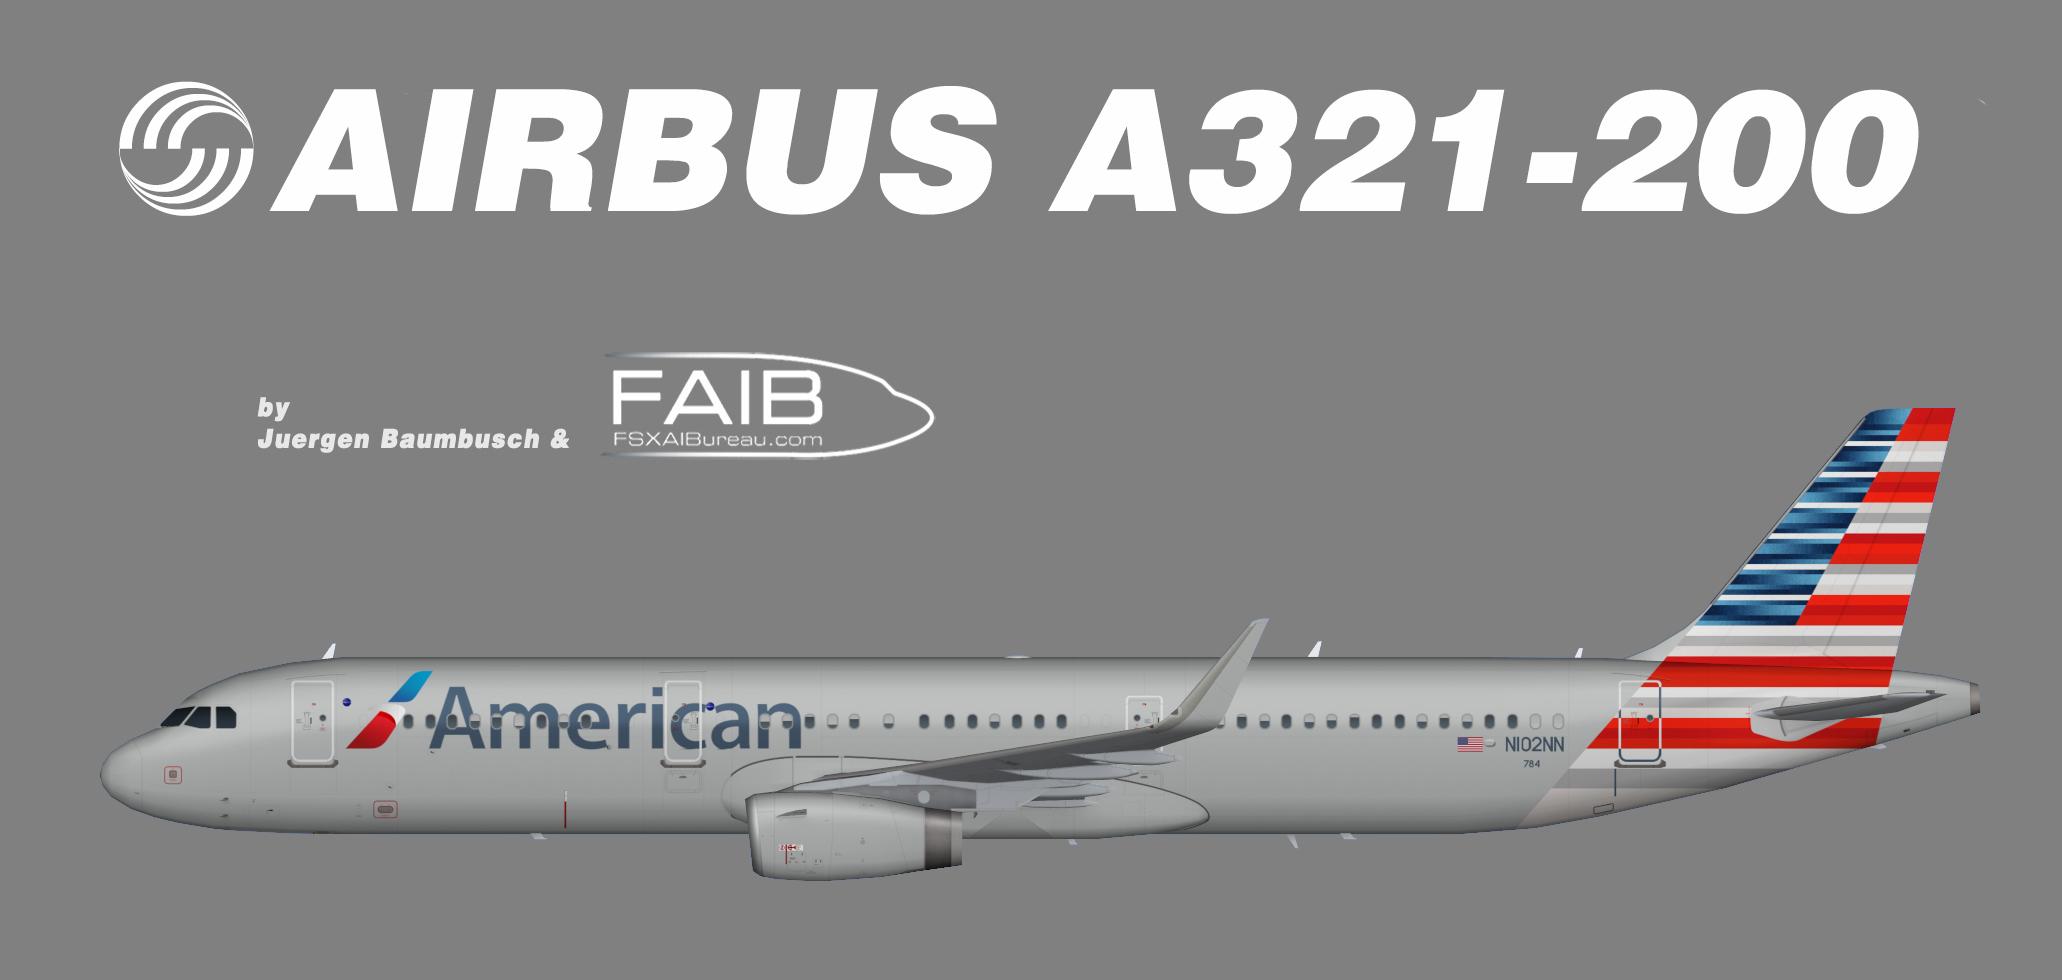 Аэрофлот схема а 321